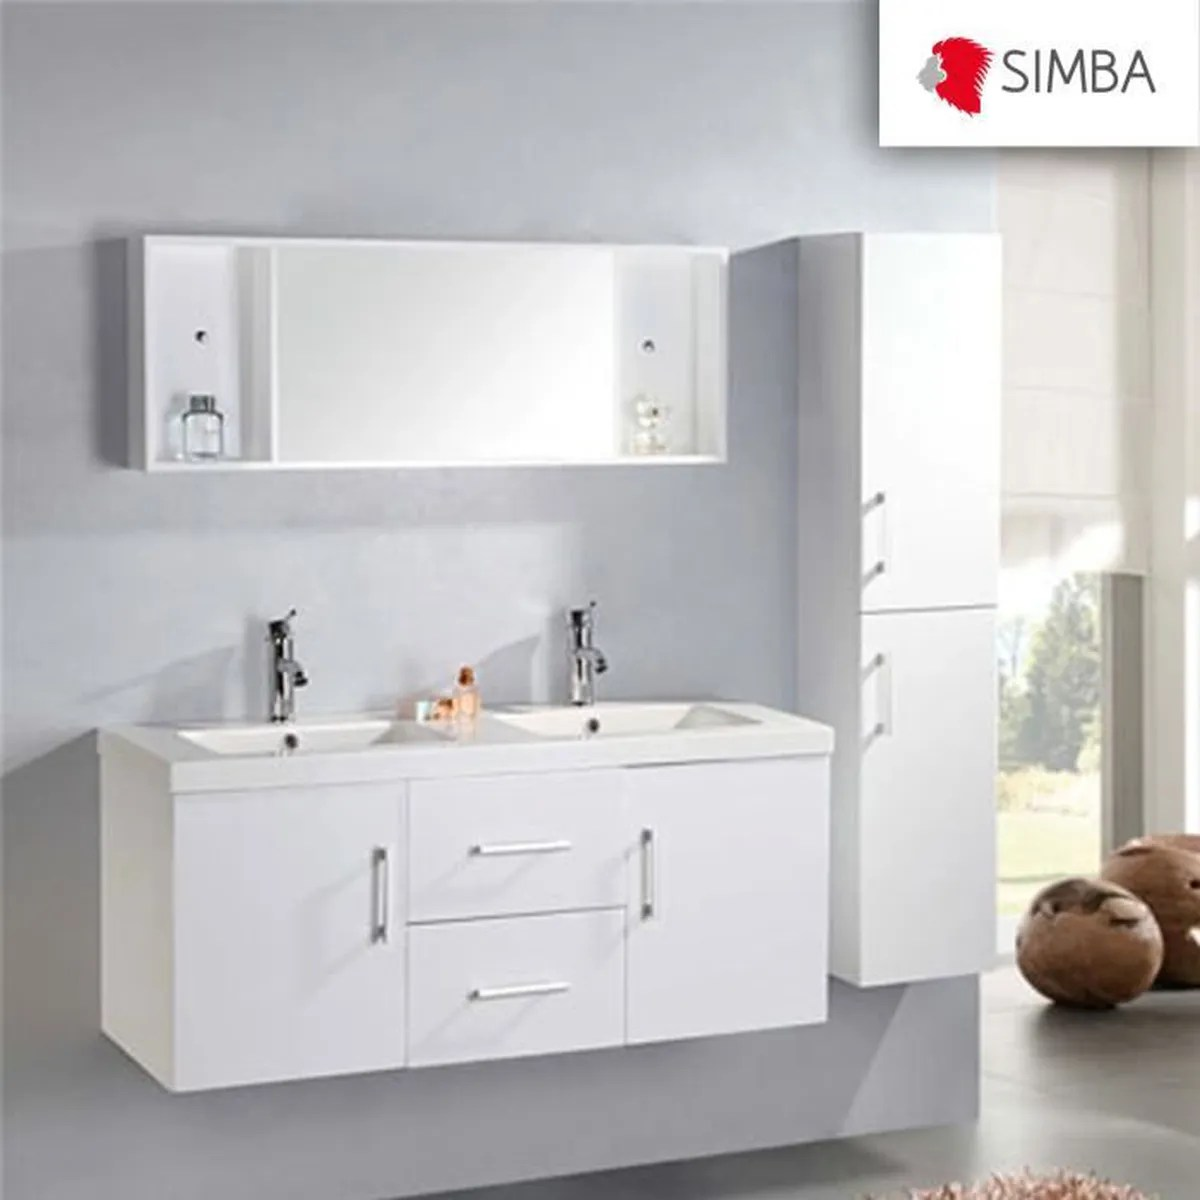 meuble cuisine 80 cm largeur